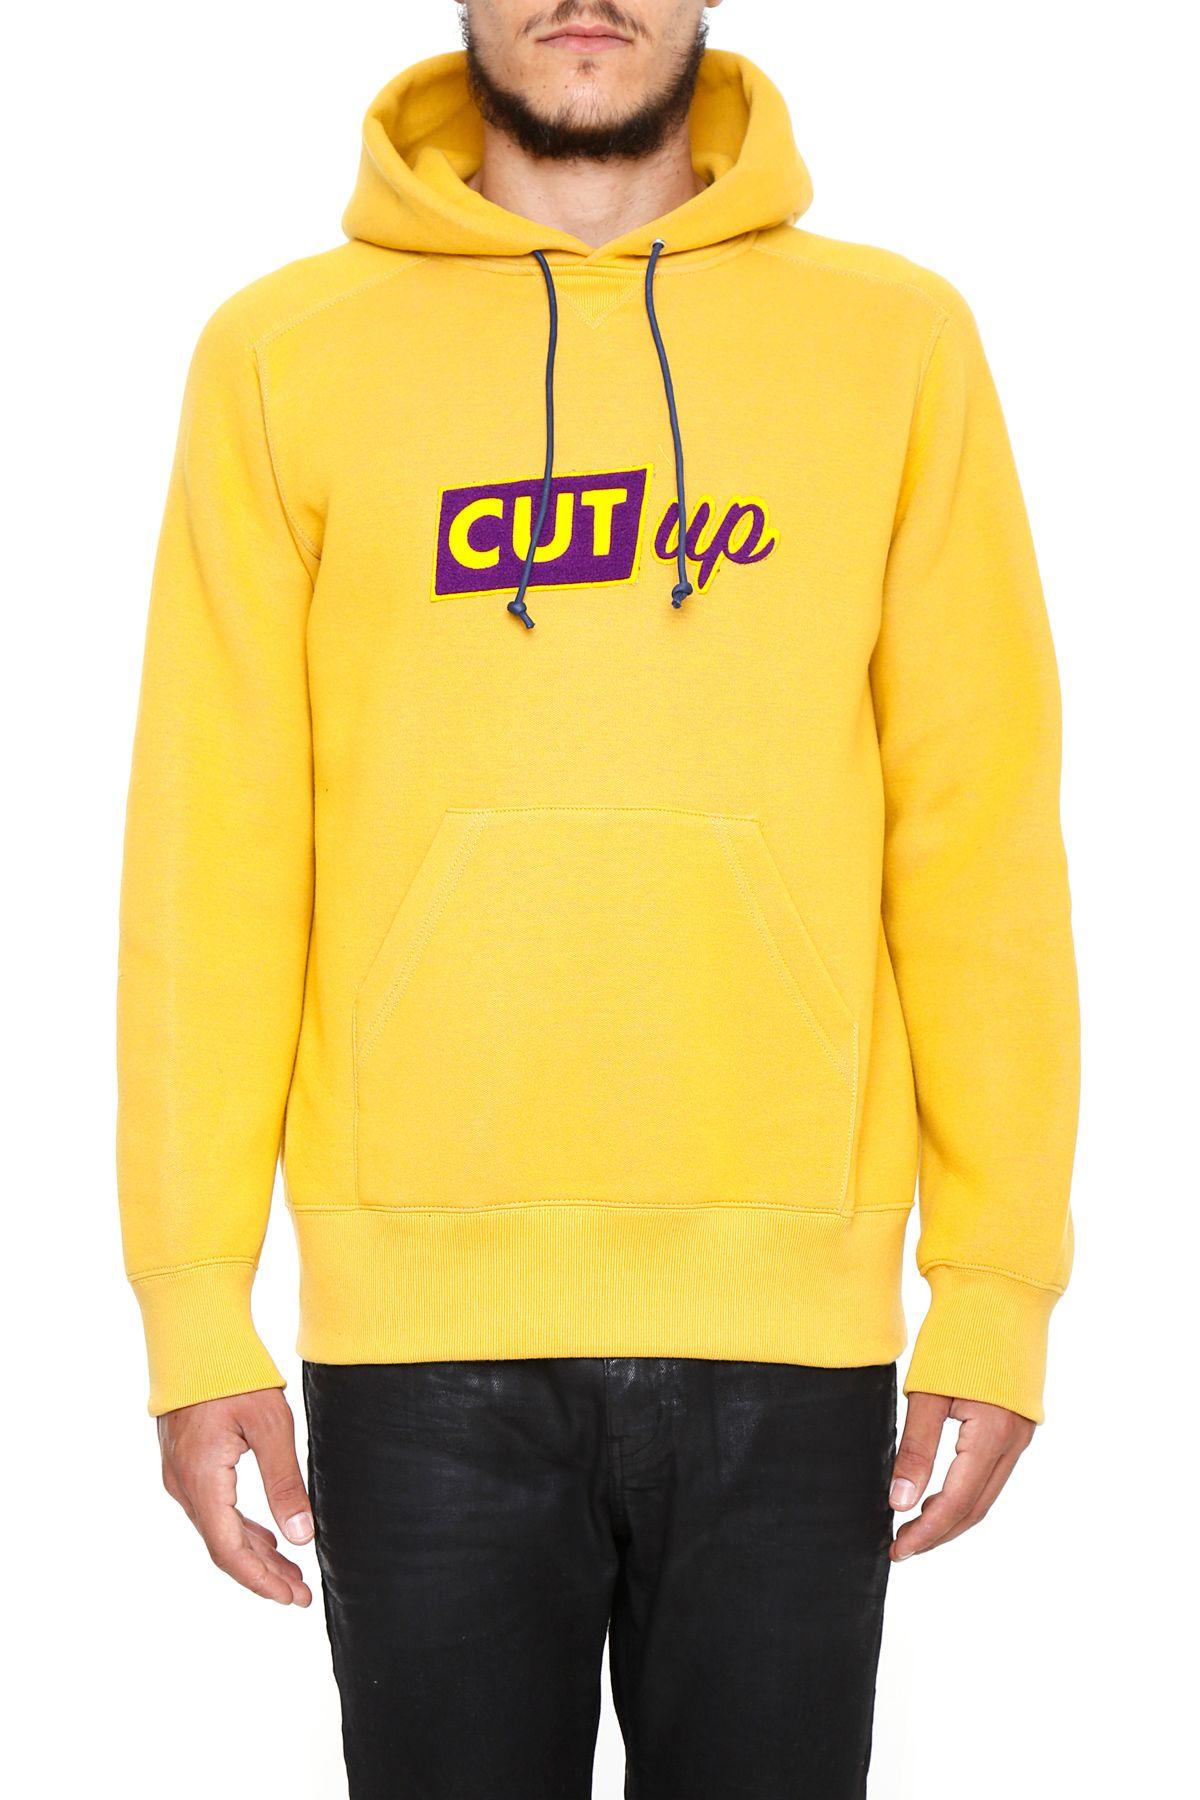 Cut Up Hoodie